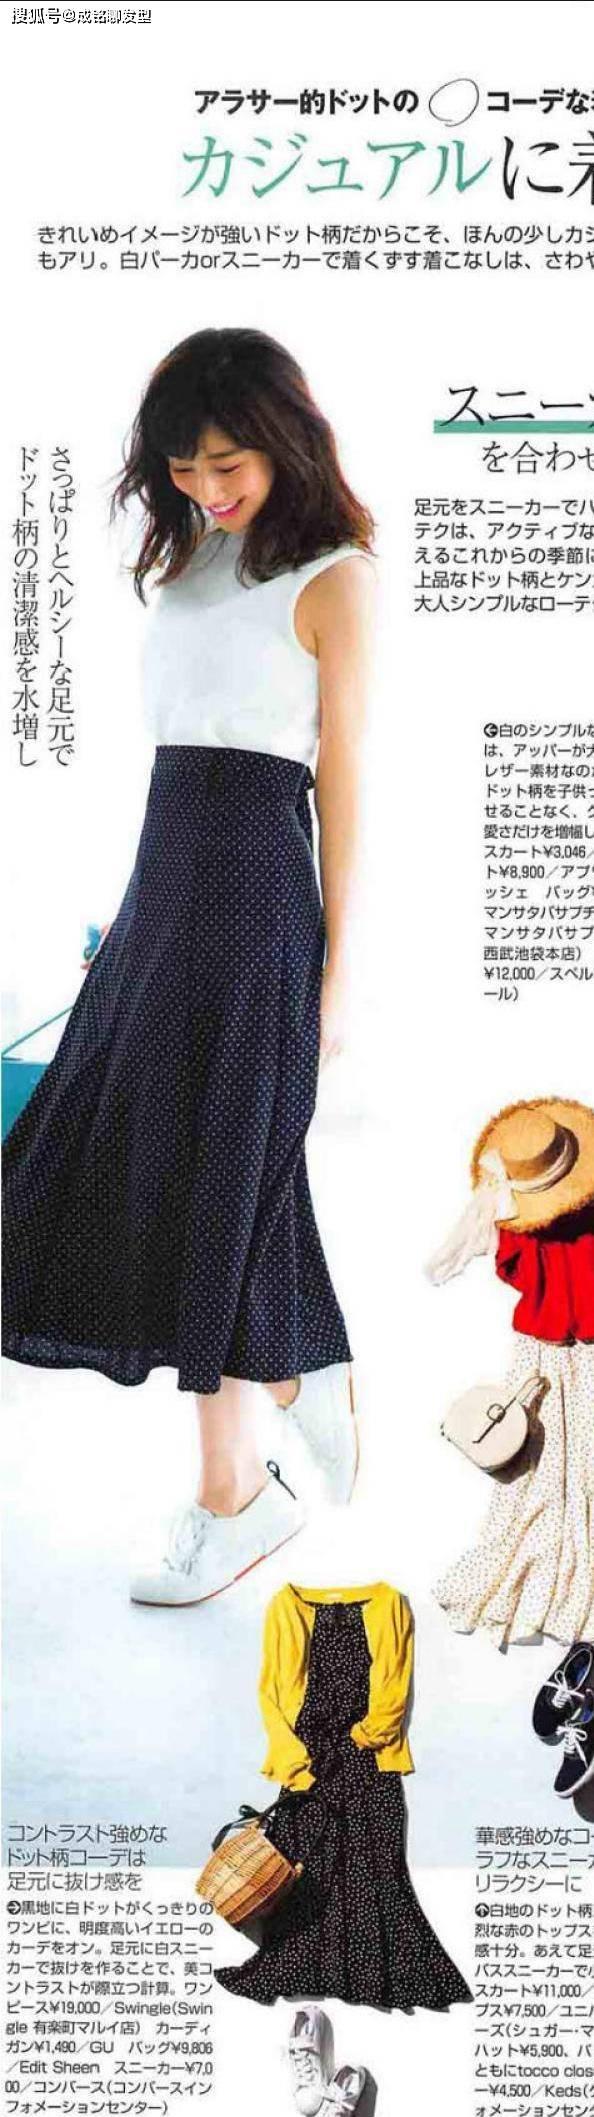 """中年女人夏天穿衣别太花哨,试试""""高级感""""的黑色单品时髦减龄显白"""